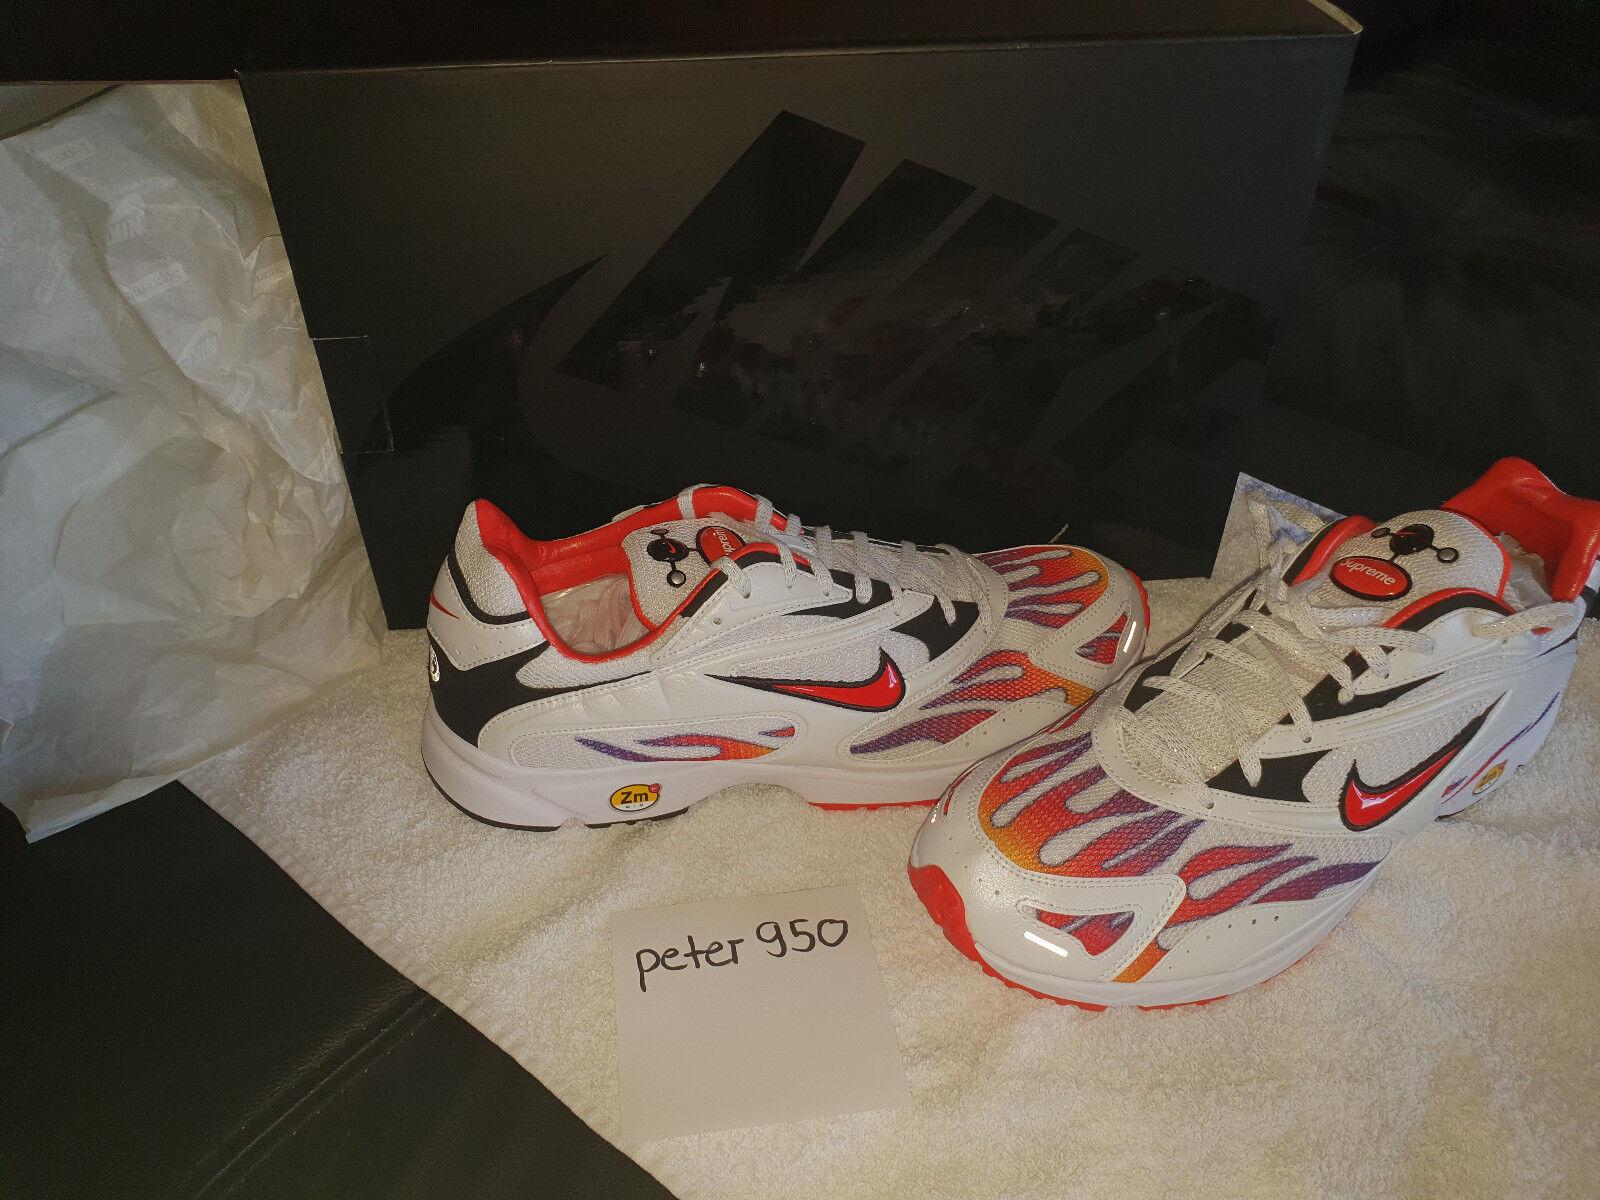 Supreme / Nike Air Streak Spectrum 45 Plus US 11,5 EU 45 Spectrum Schuhe Sneaker da92f8